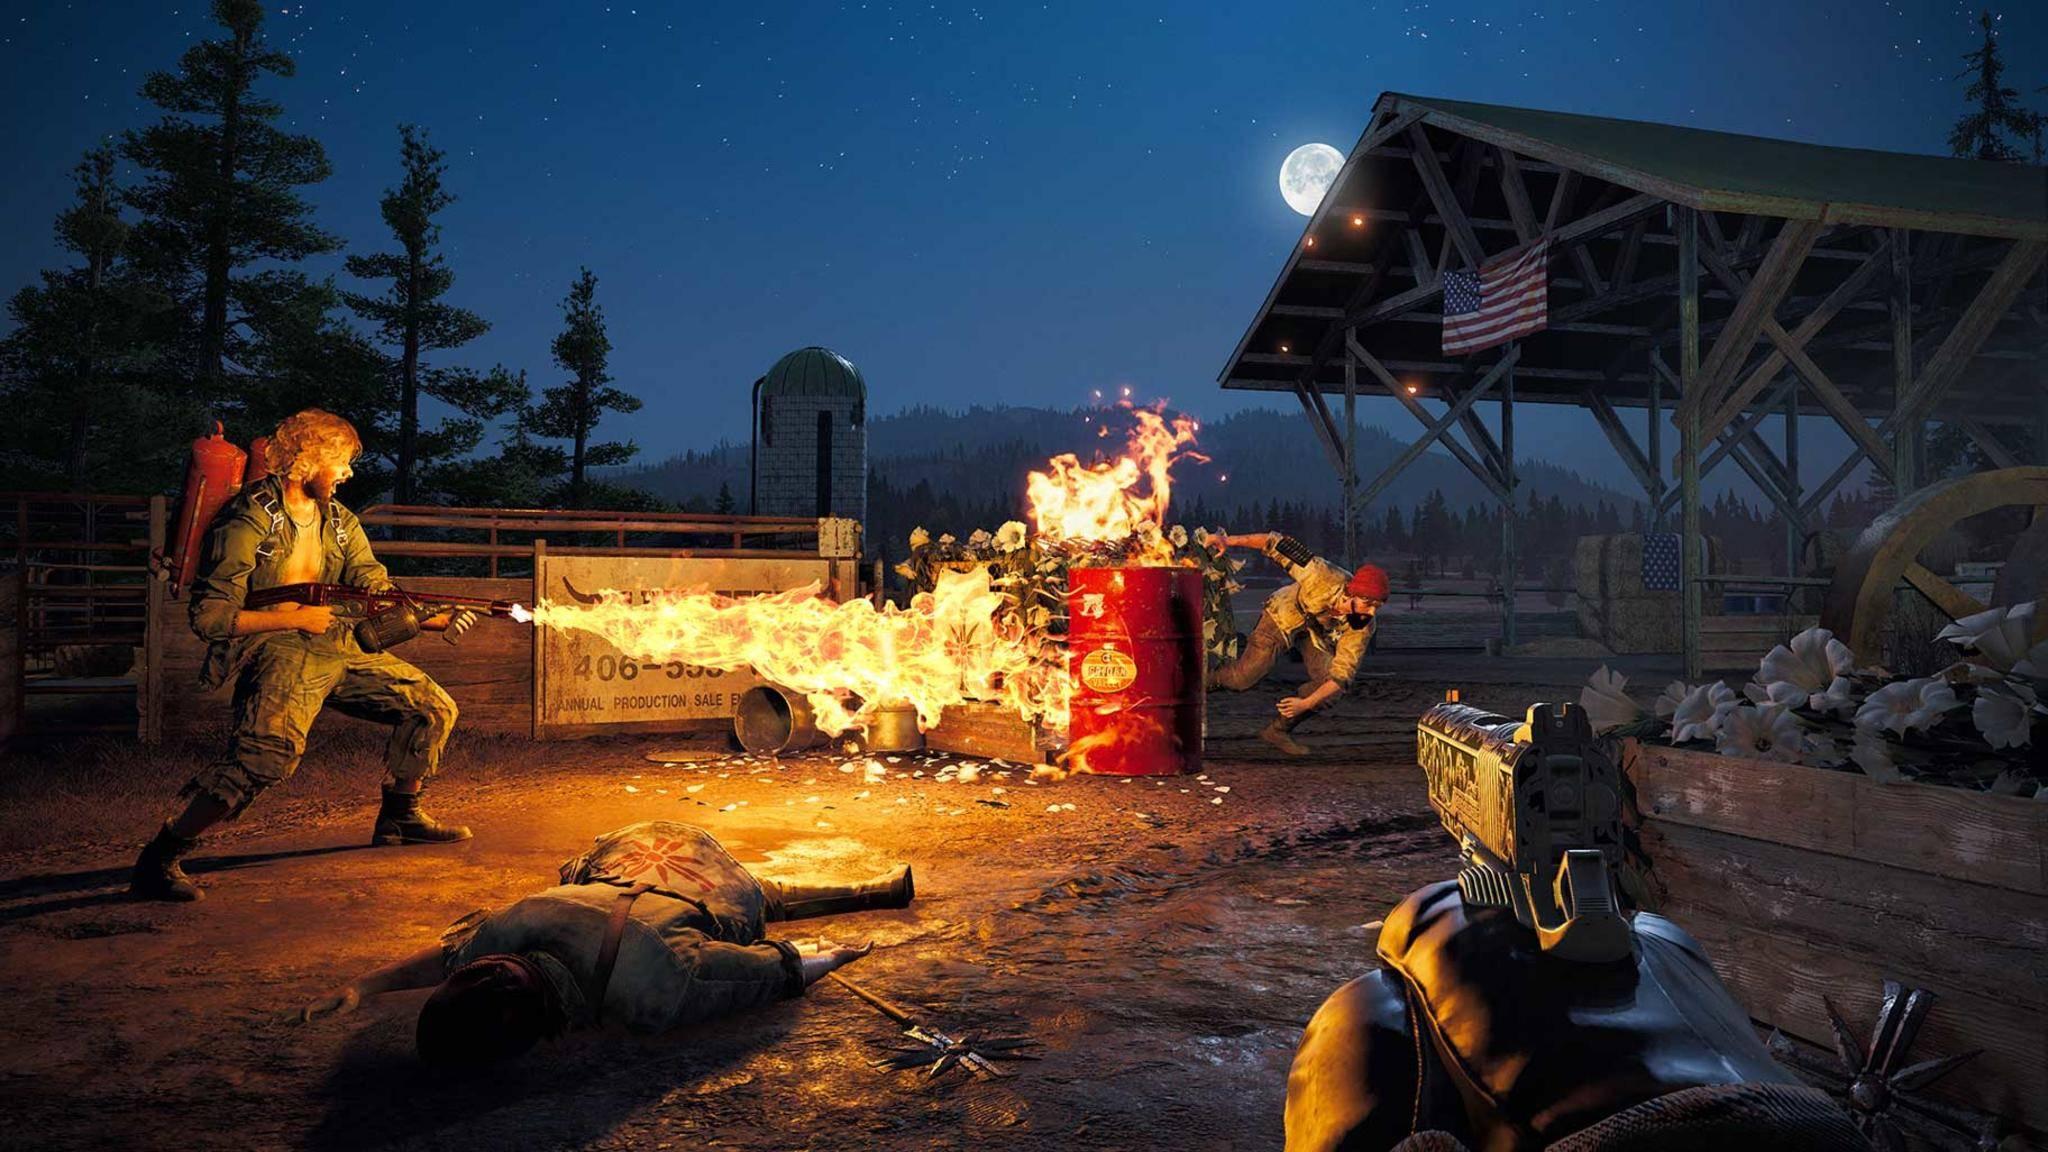 """Die große Welt in """"Far Cry 5"""" ist einfach wie dafür gemacht, Chaos und Zerstörung anzurichten."""